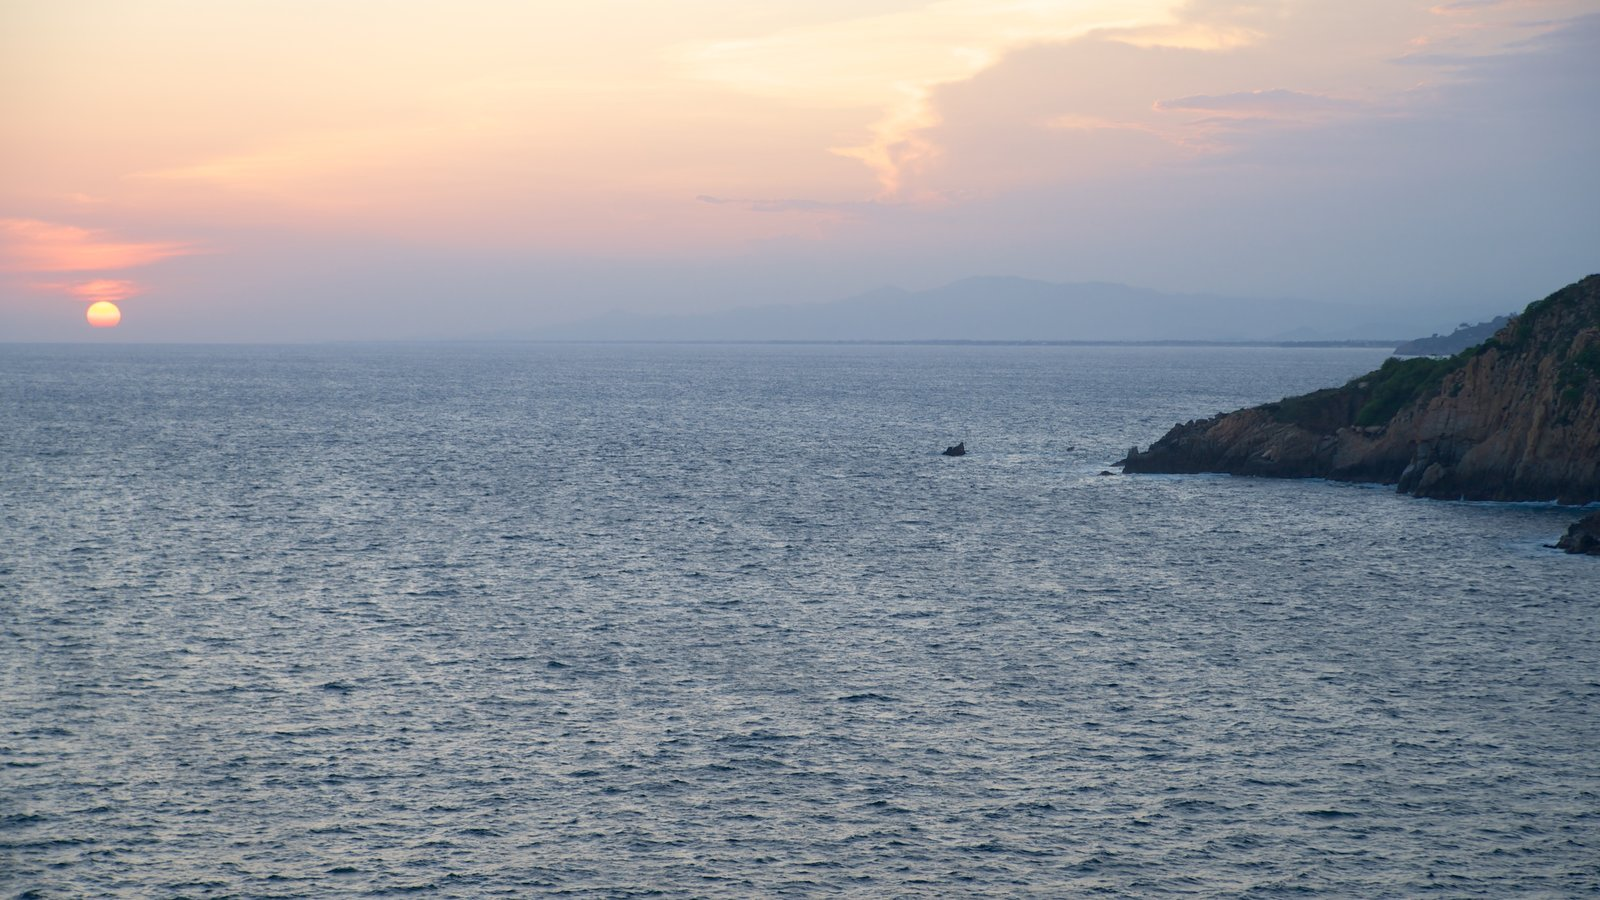 Sinfonía mostrando costa rocosa, vistas de paisajes y una puesta de sol